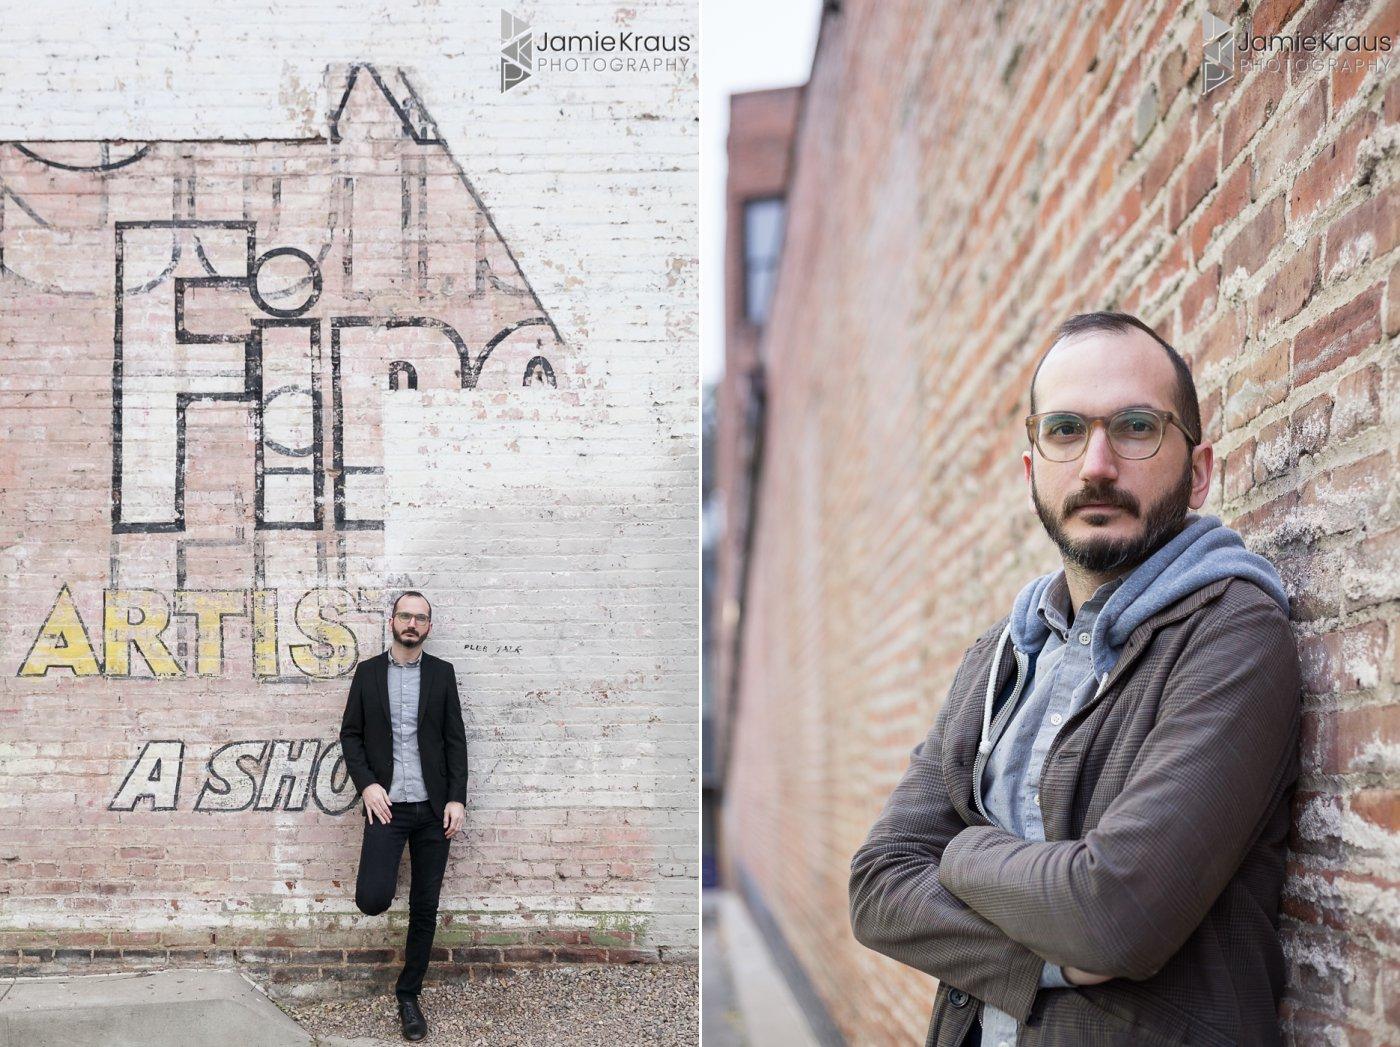 denver artist marketing photos